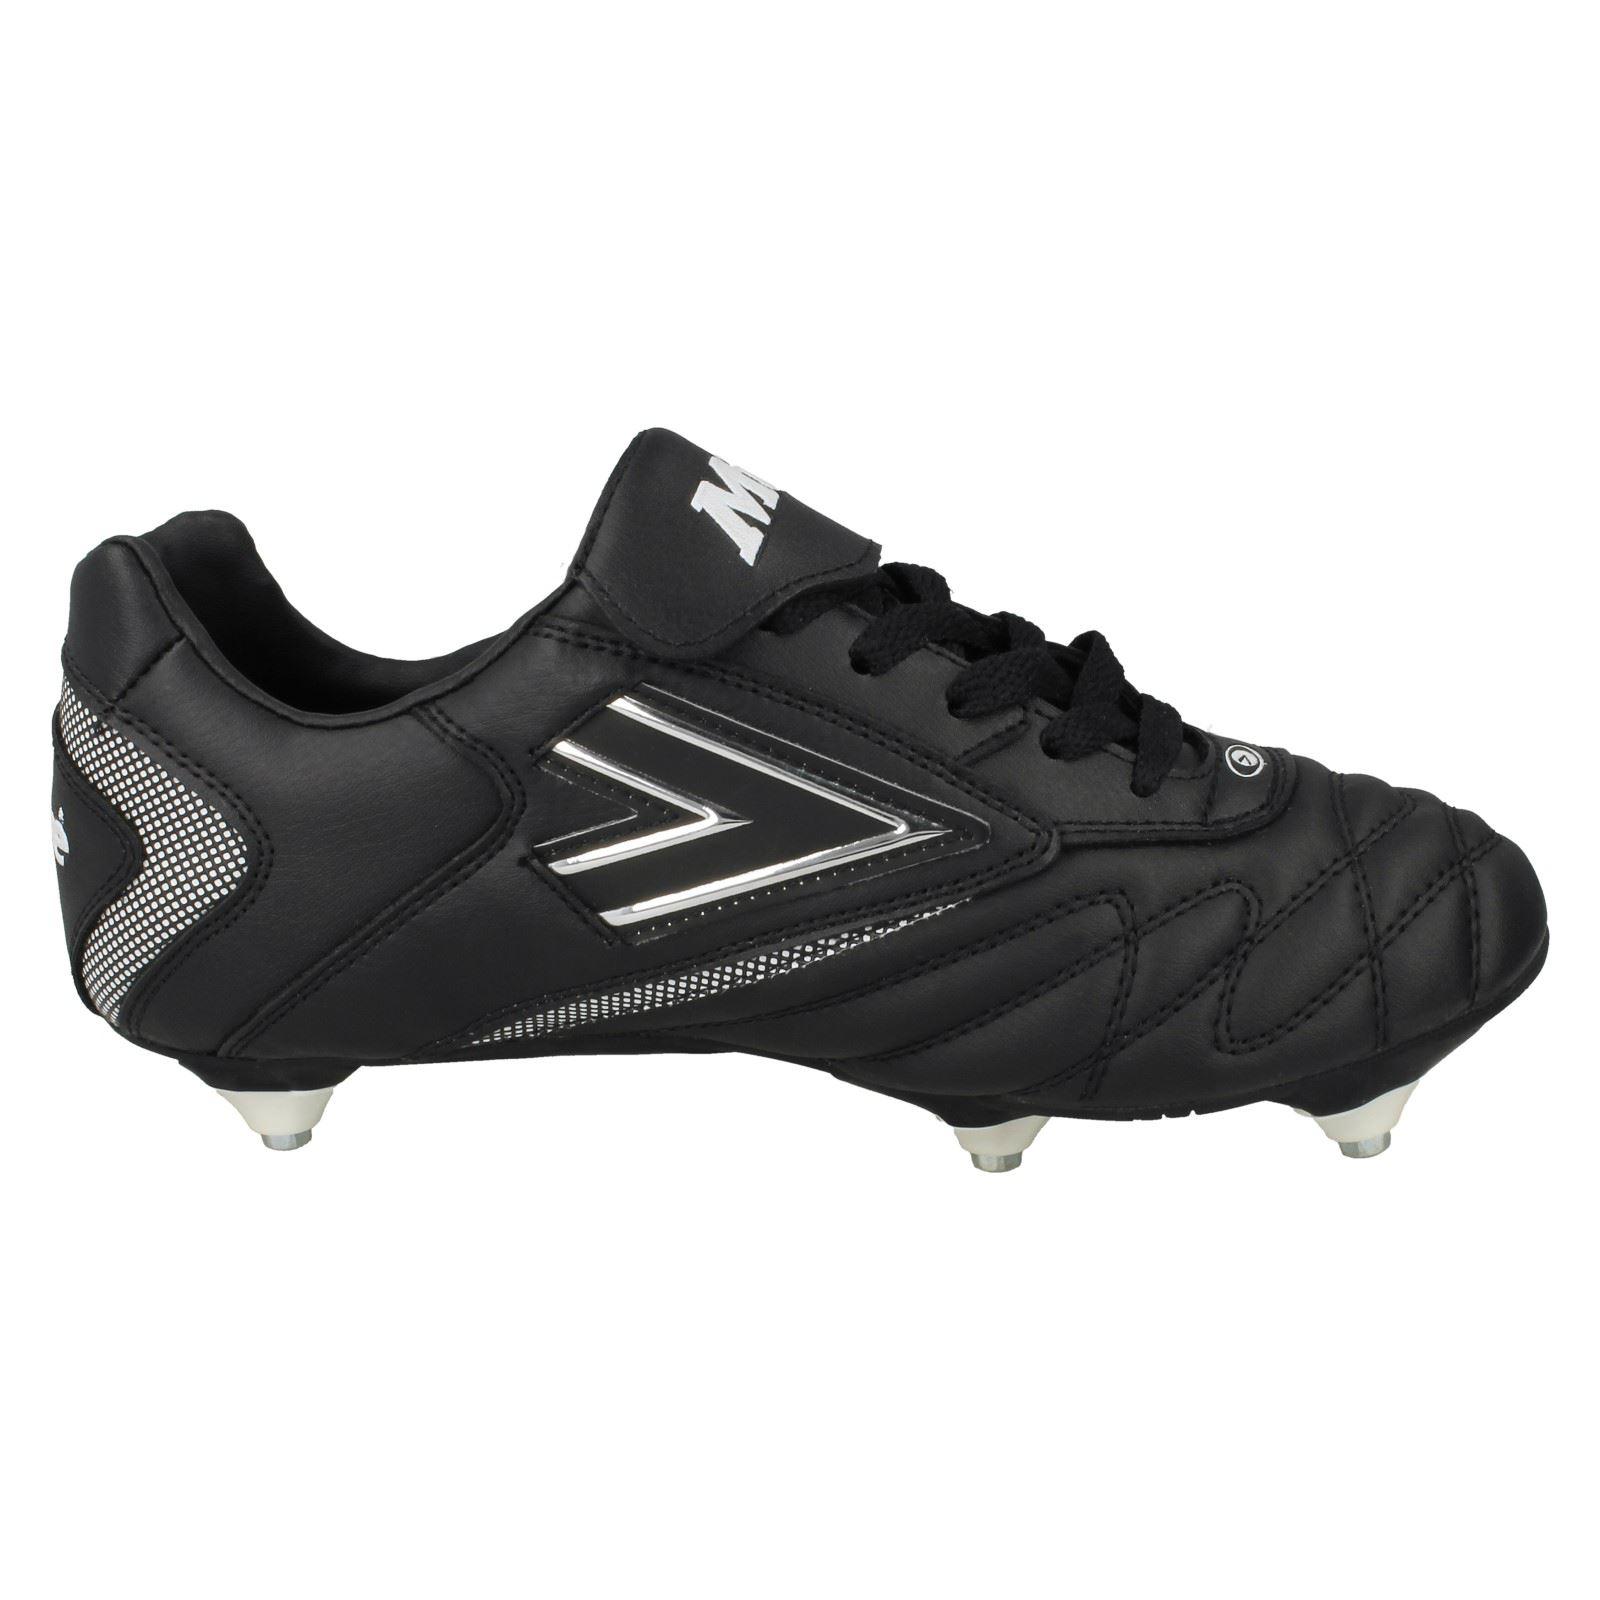 Boys-Mitre-Junior-Football-Boots-039-Saturn-039 e07f9cc2d6e